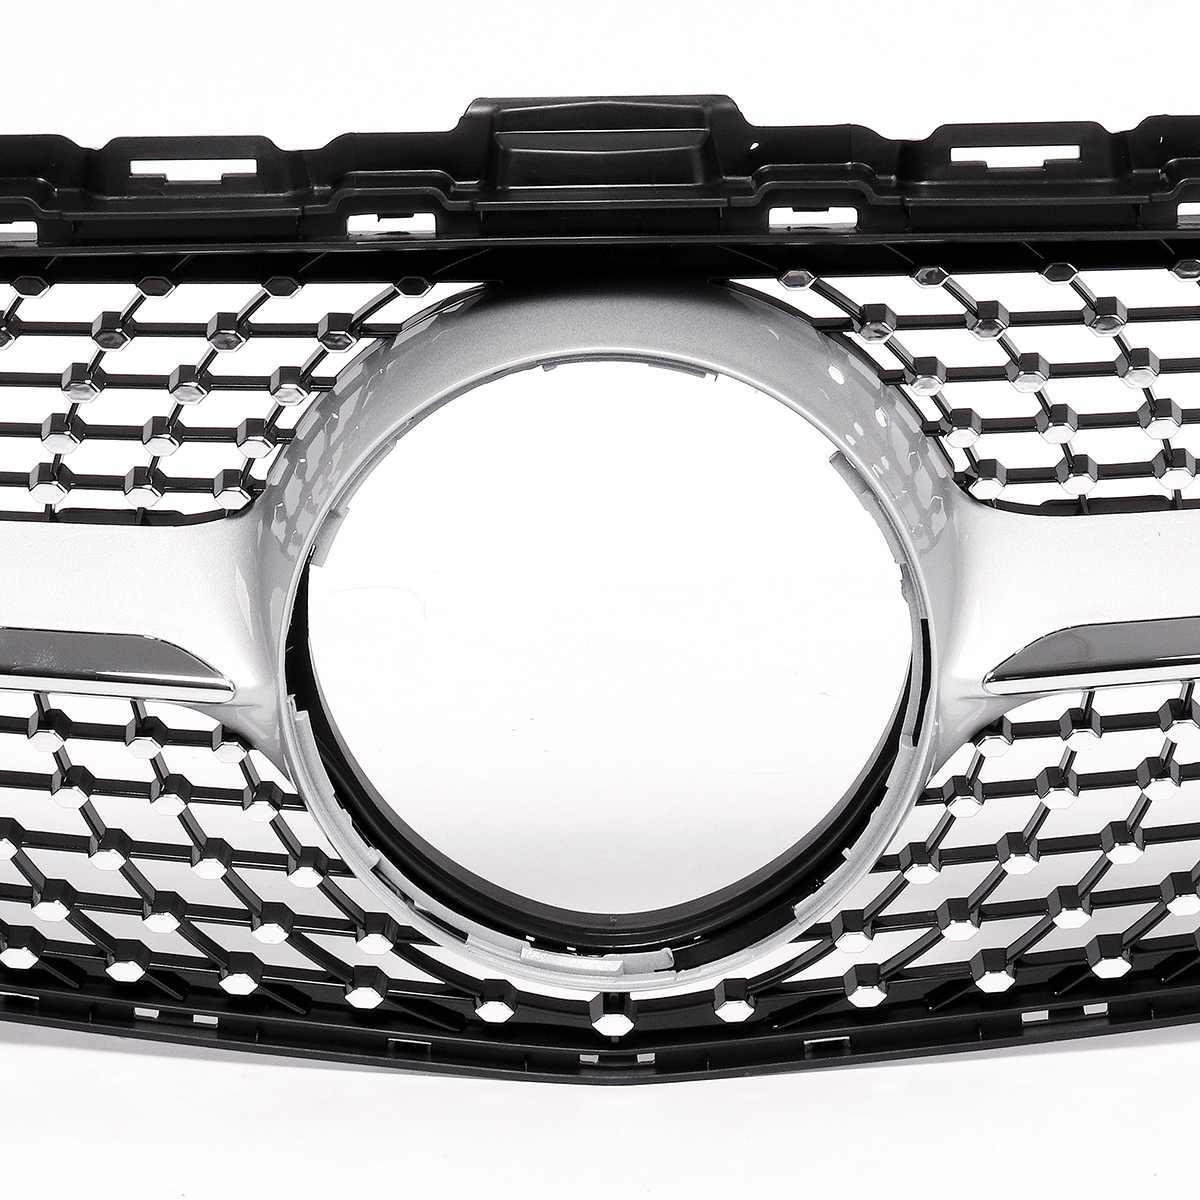 1x Grille de calandre de Style diamant avant de voiture pour Mercedes pour Benz C classe W205 C200 C250 C300 C350 2015-18 sans caméra - 5